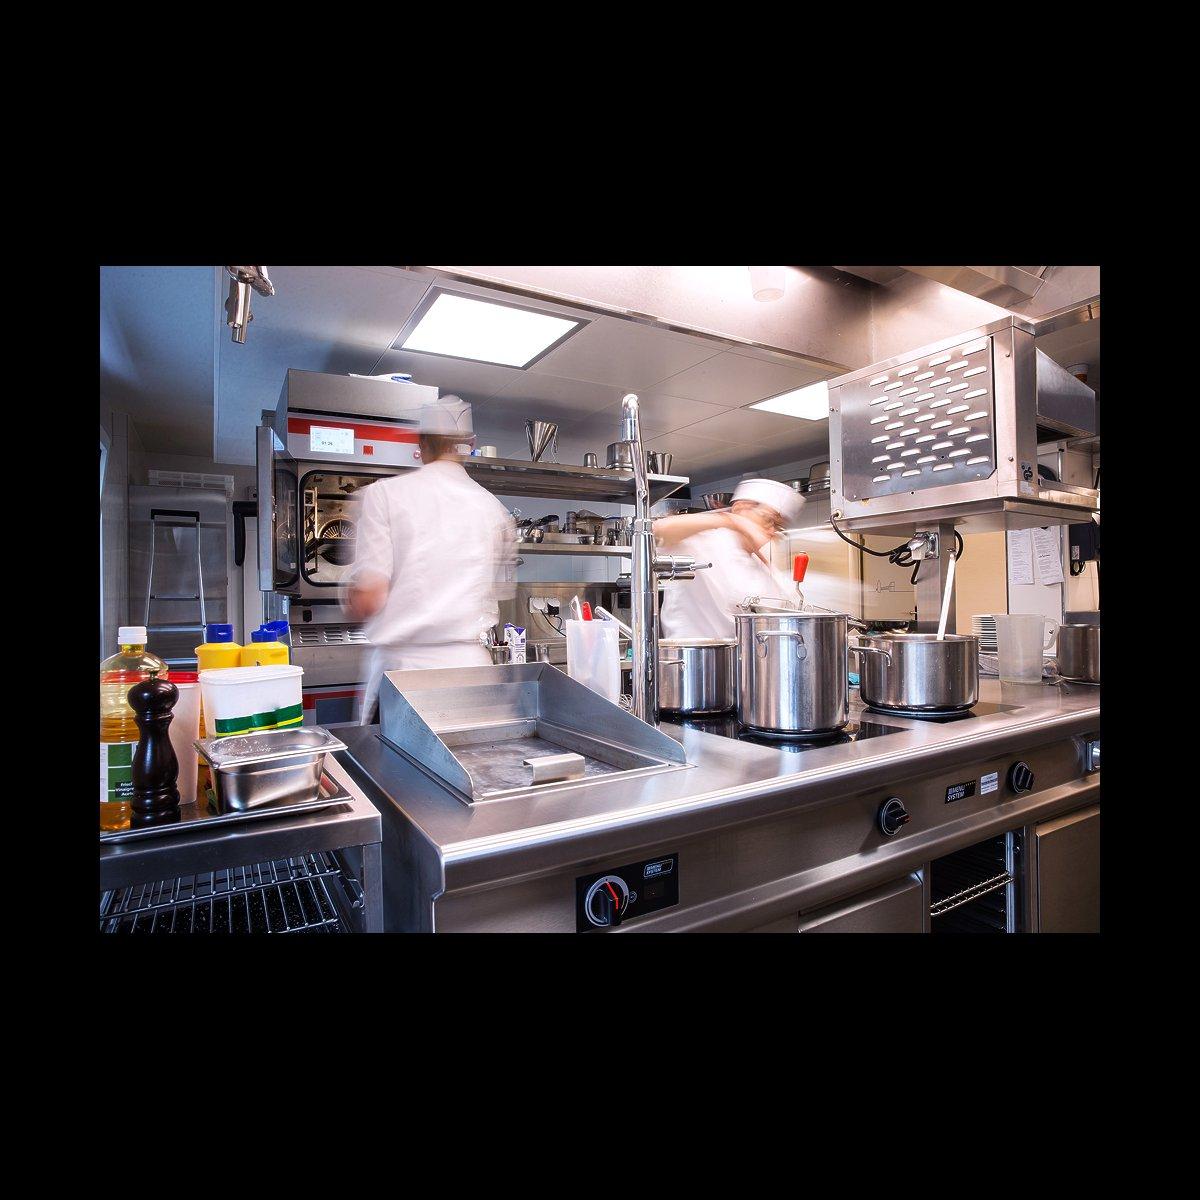 Action in der Küche ;-)